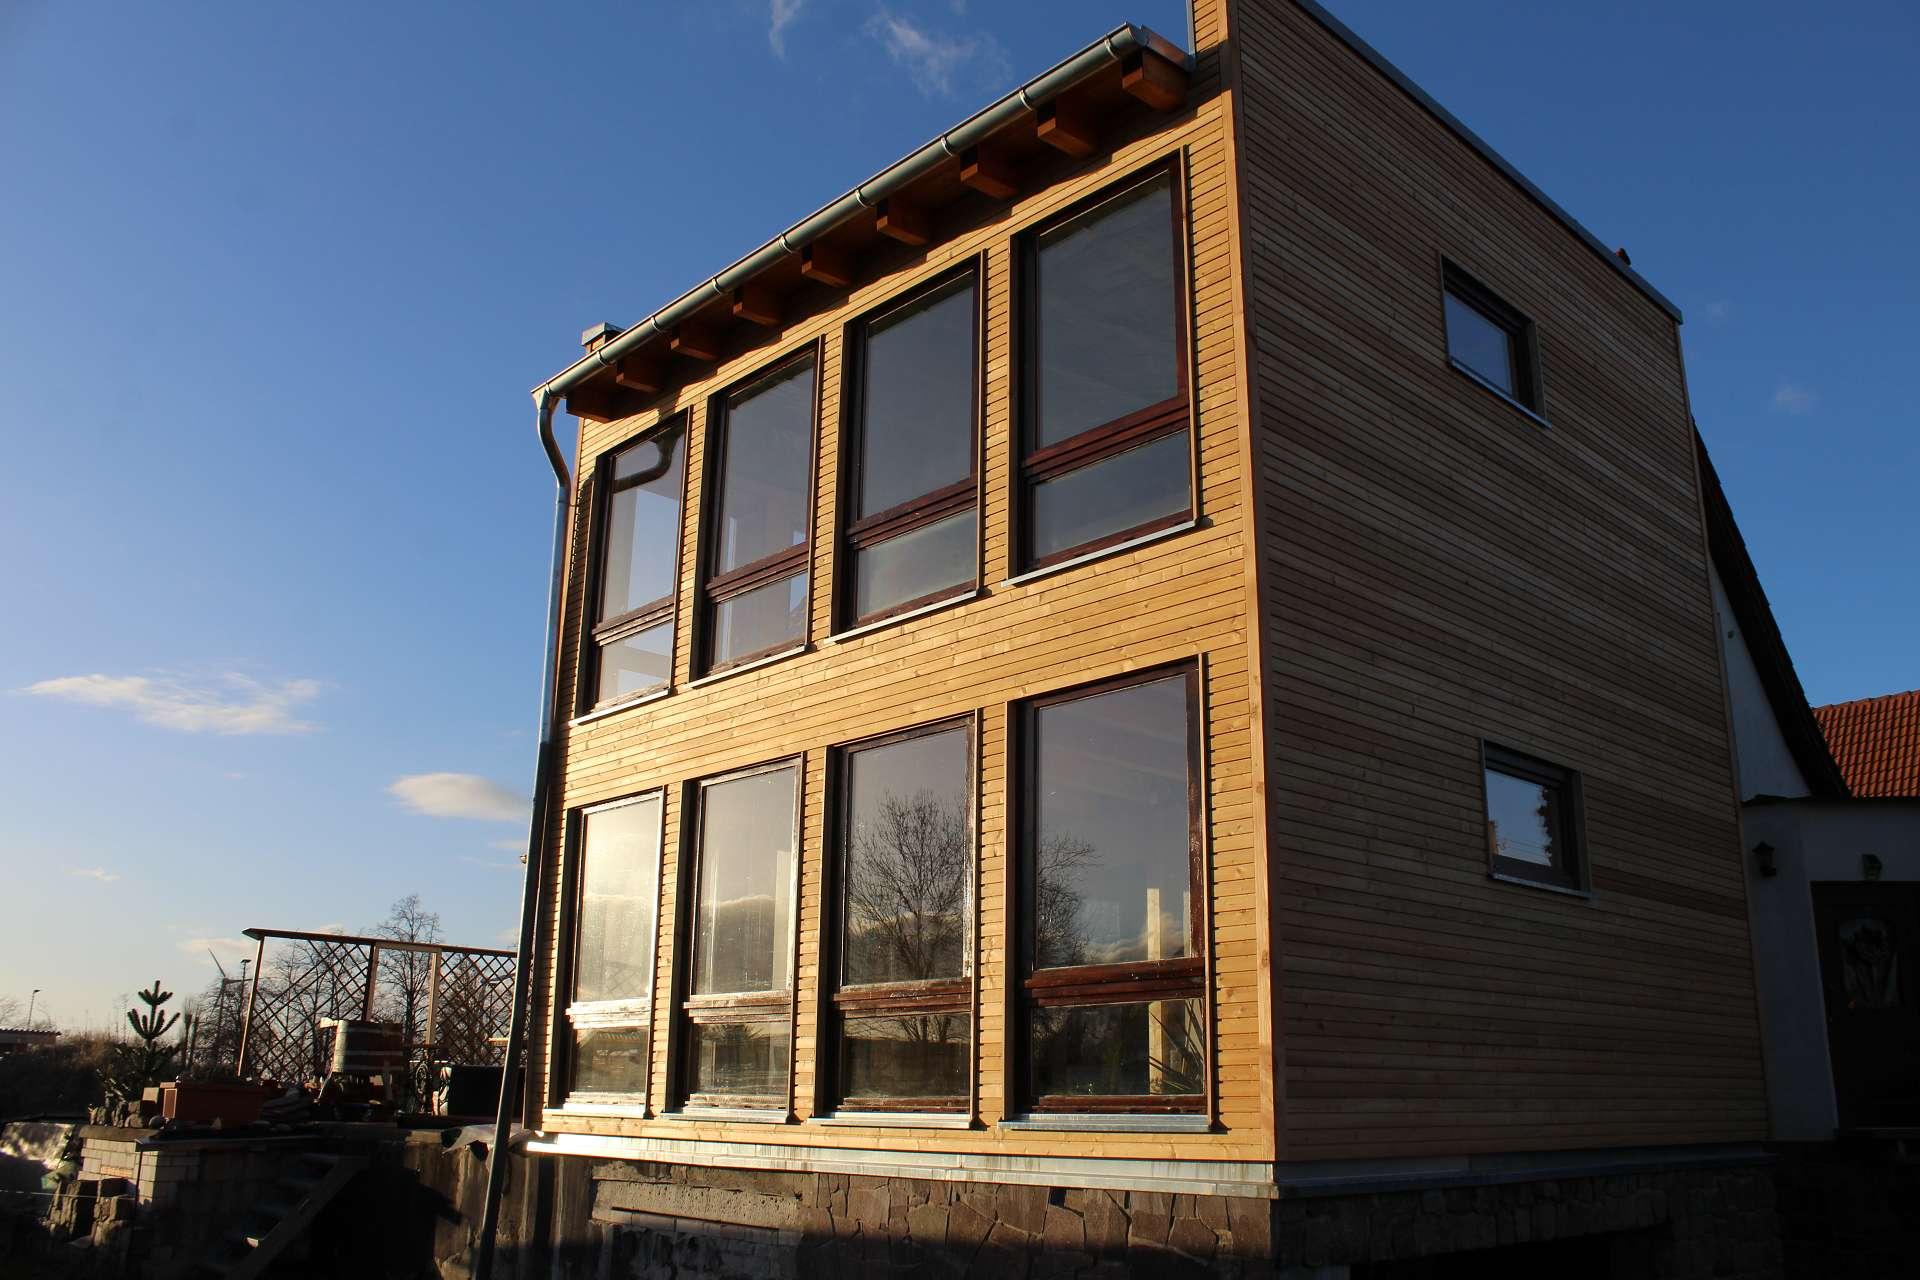 zwei-etagen-auf-garage-bild1